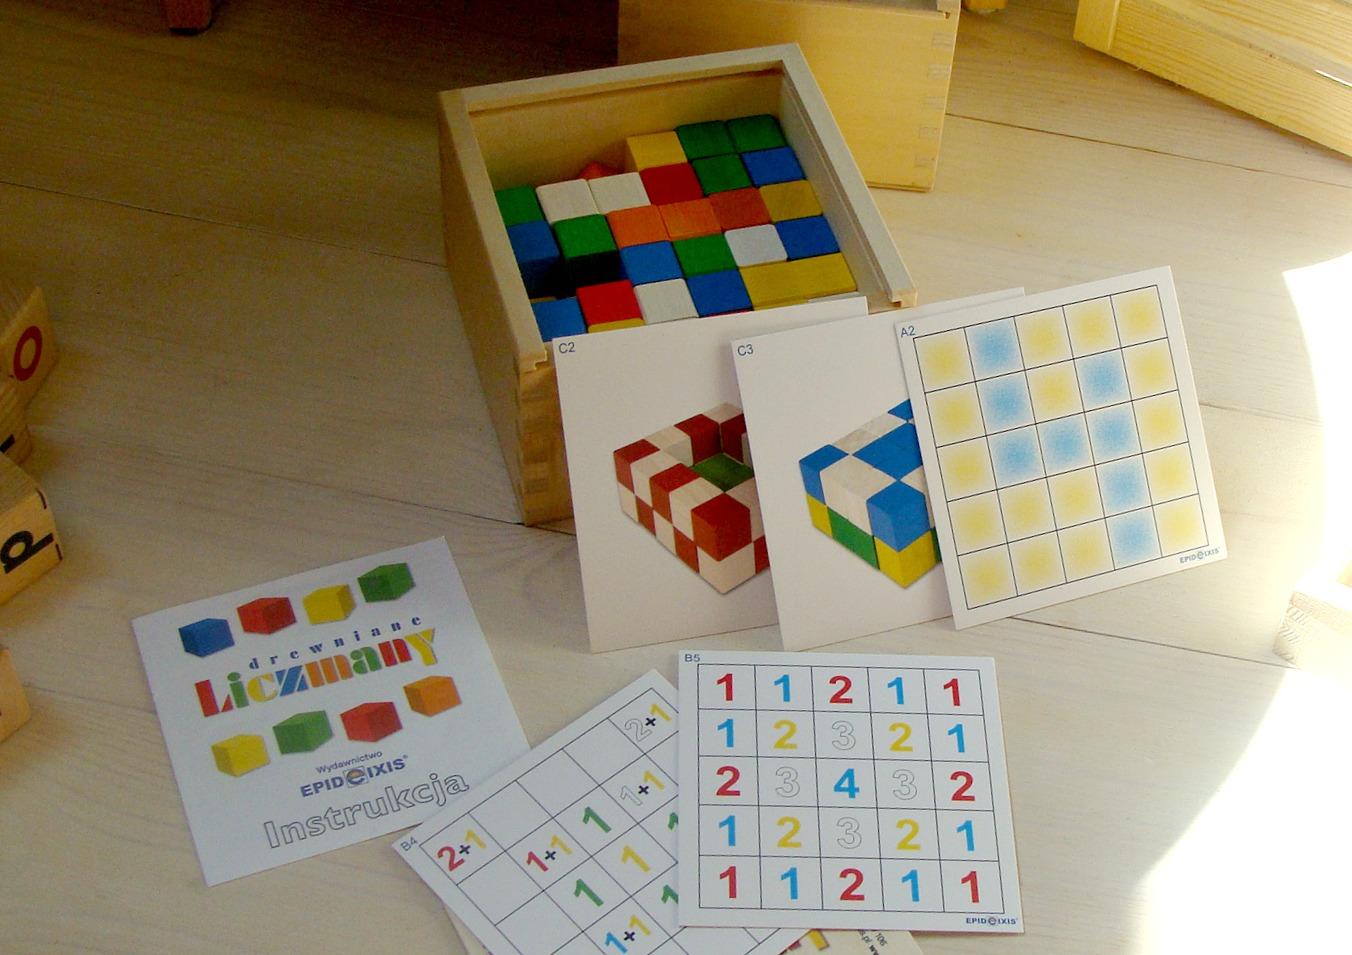 Zabawa i nauka inspirowana metodą Montessori, klocki Edu, Liczmany, Memo przestrzenne